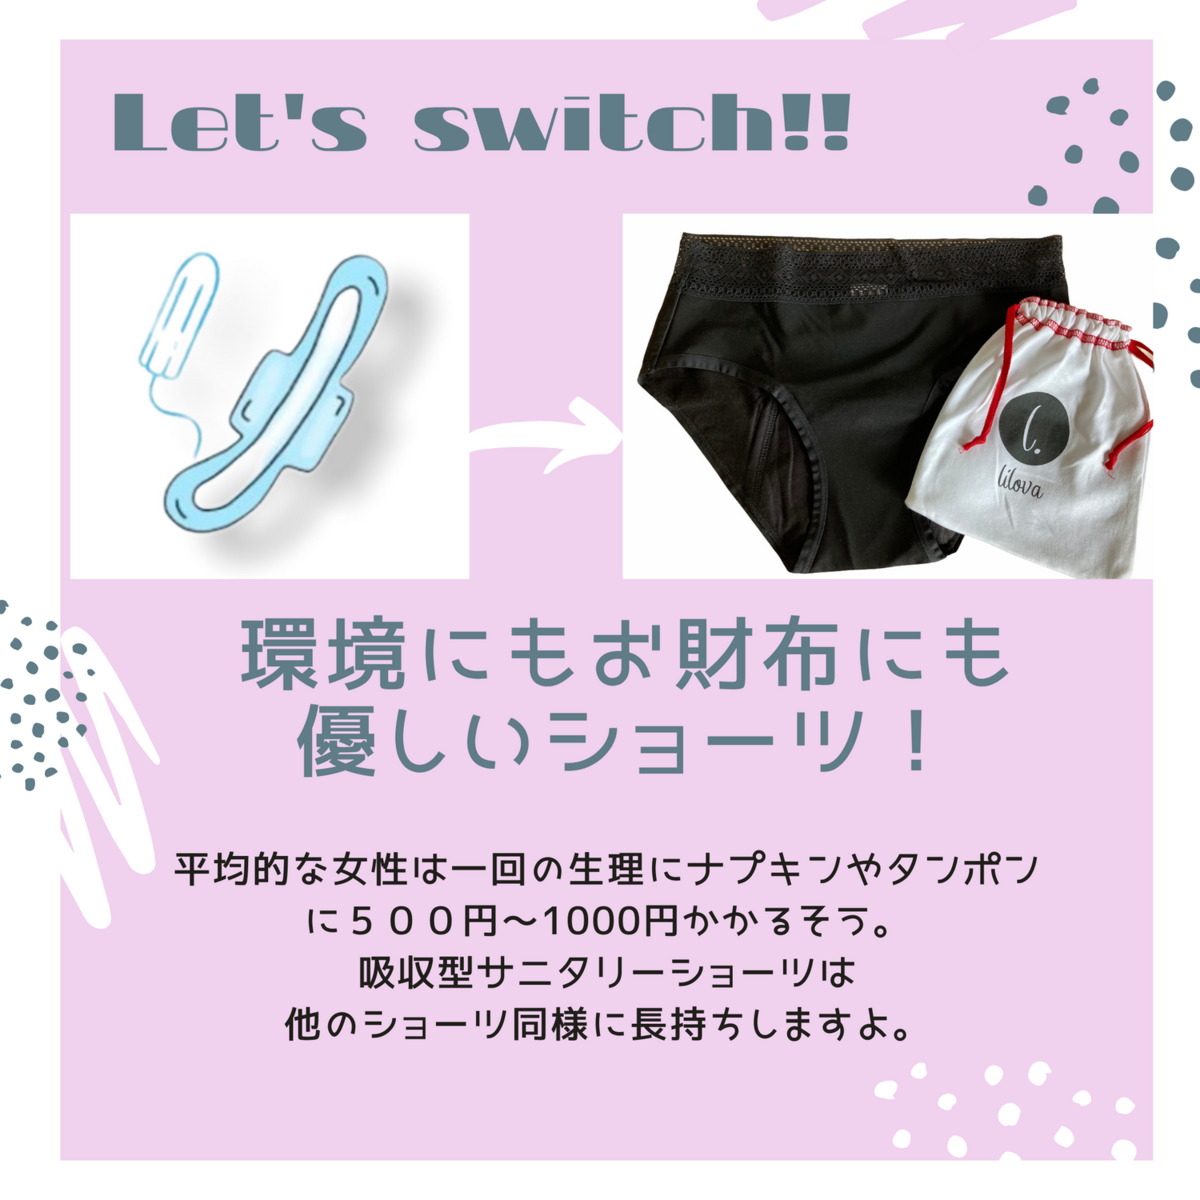 f:id:tsukitohammock:20201028073530p:plain